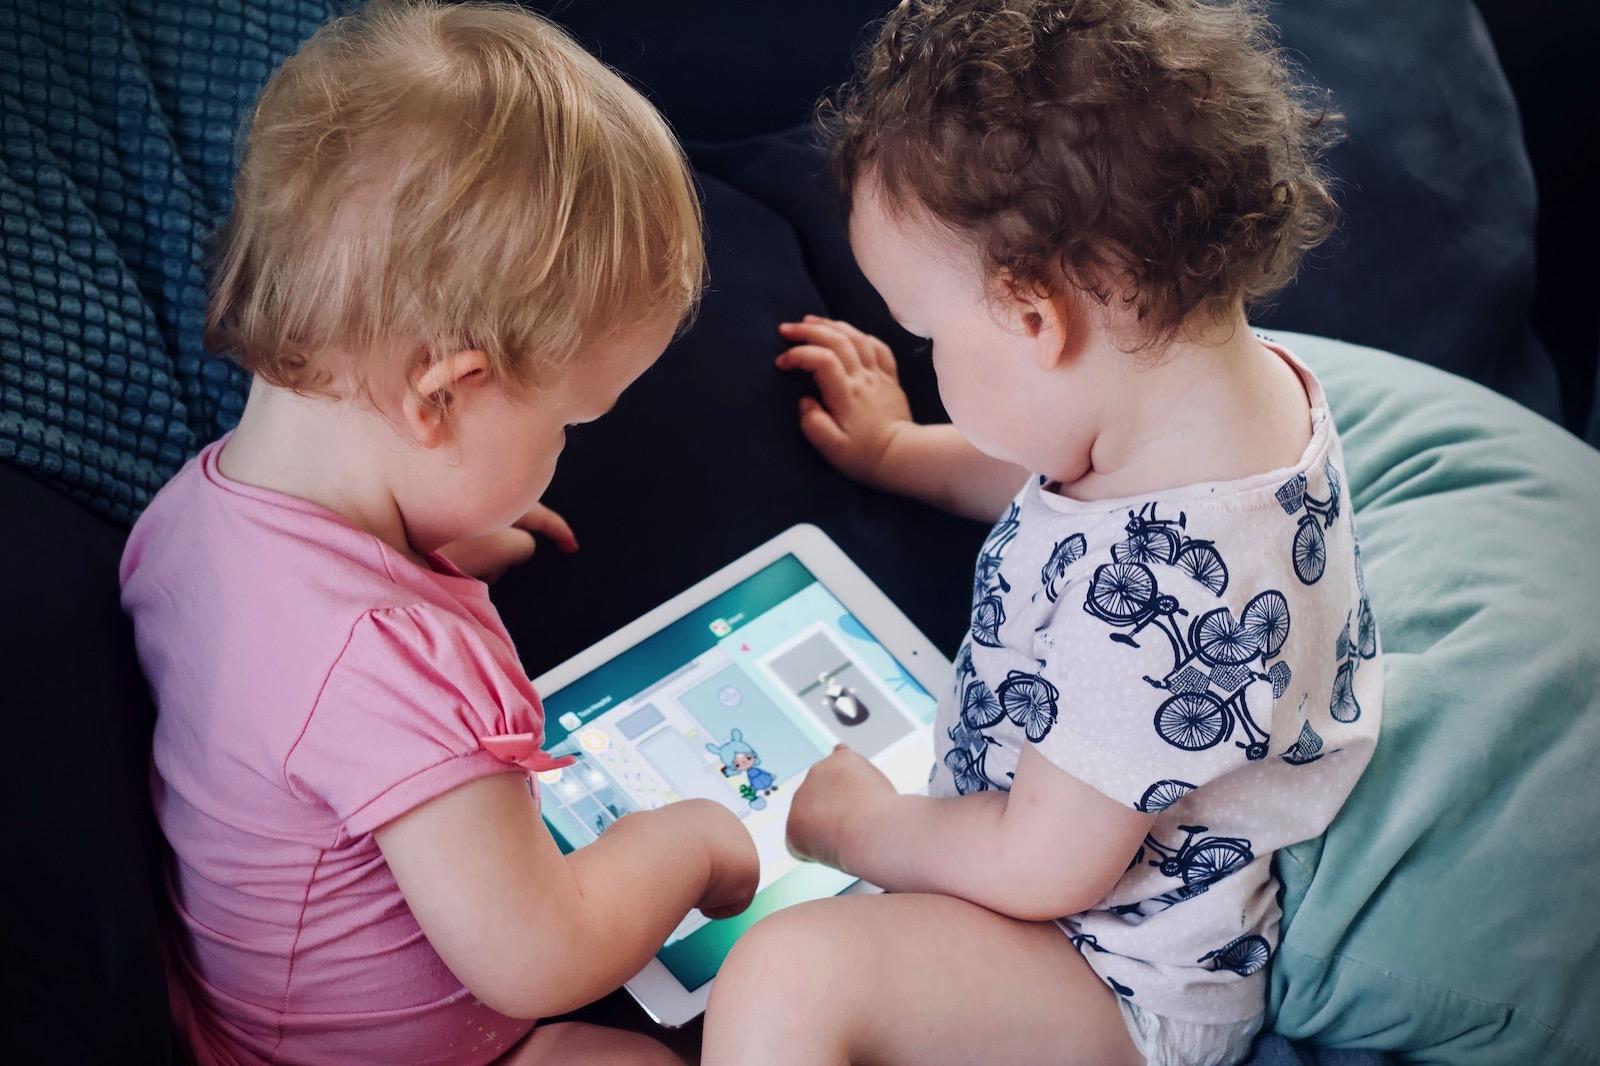 Jelleke vanooteghem 386022 unsplash babies using ipad